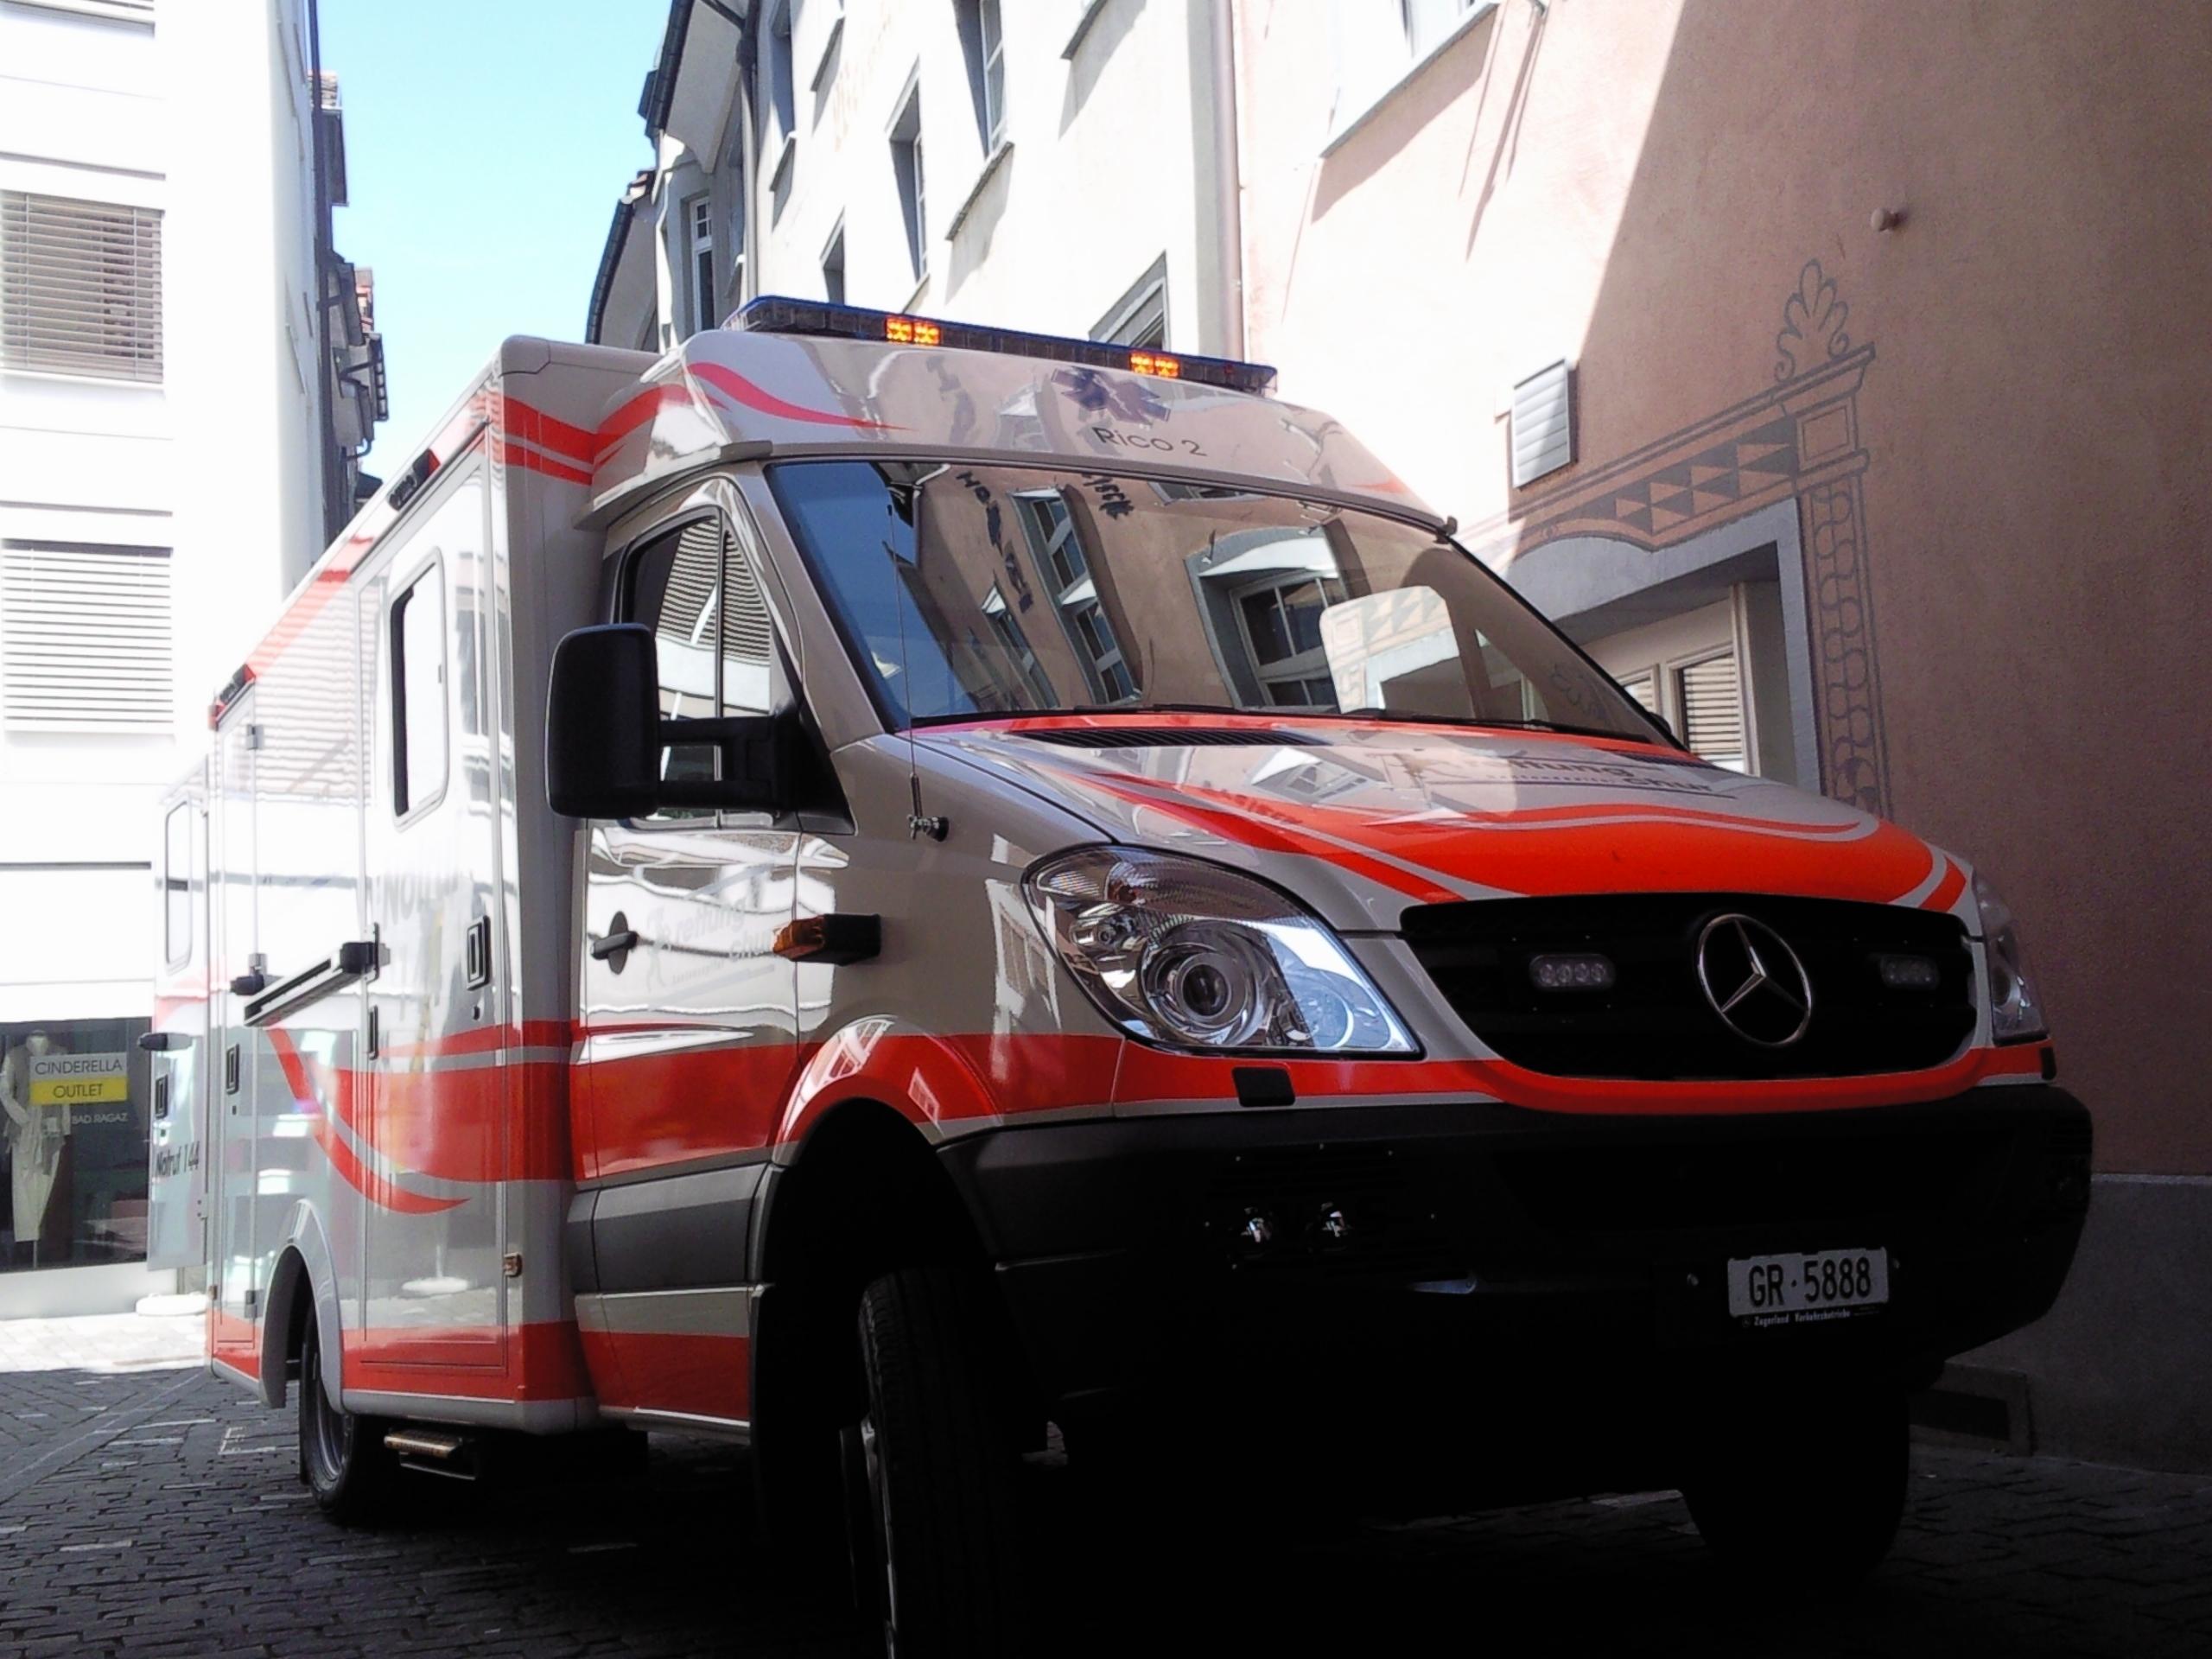 Das fünfjährige Mädchen erlitt dabei einen Beinbruch und mußte von einer Ambulanzmannschaft der Rettung Chur ins Kantonsspital Graubünden eingeliefert werden. (Archivfoto: Remo Massat / Schlagwort AG)